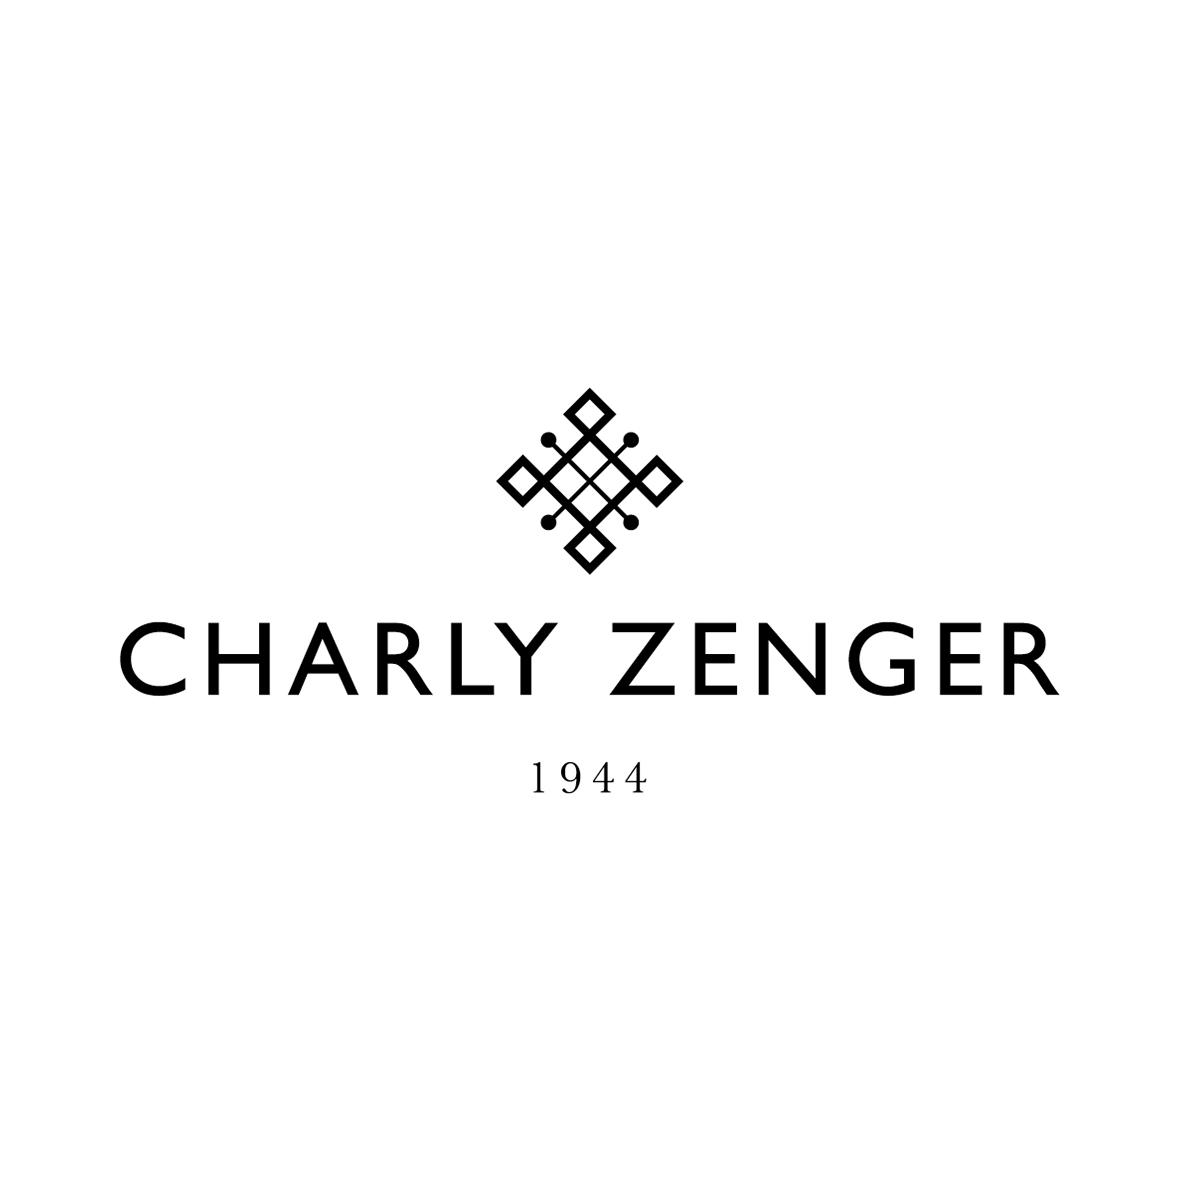 CHARLIE ZENGER